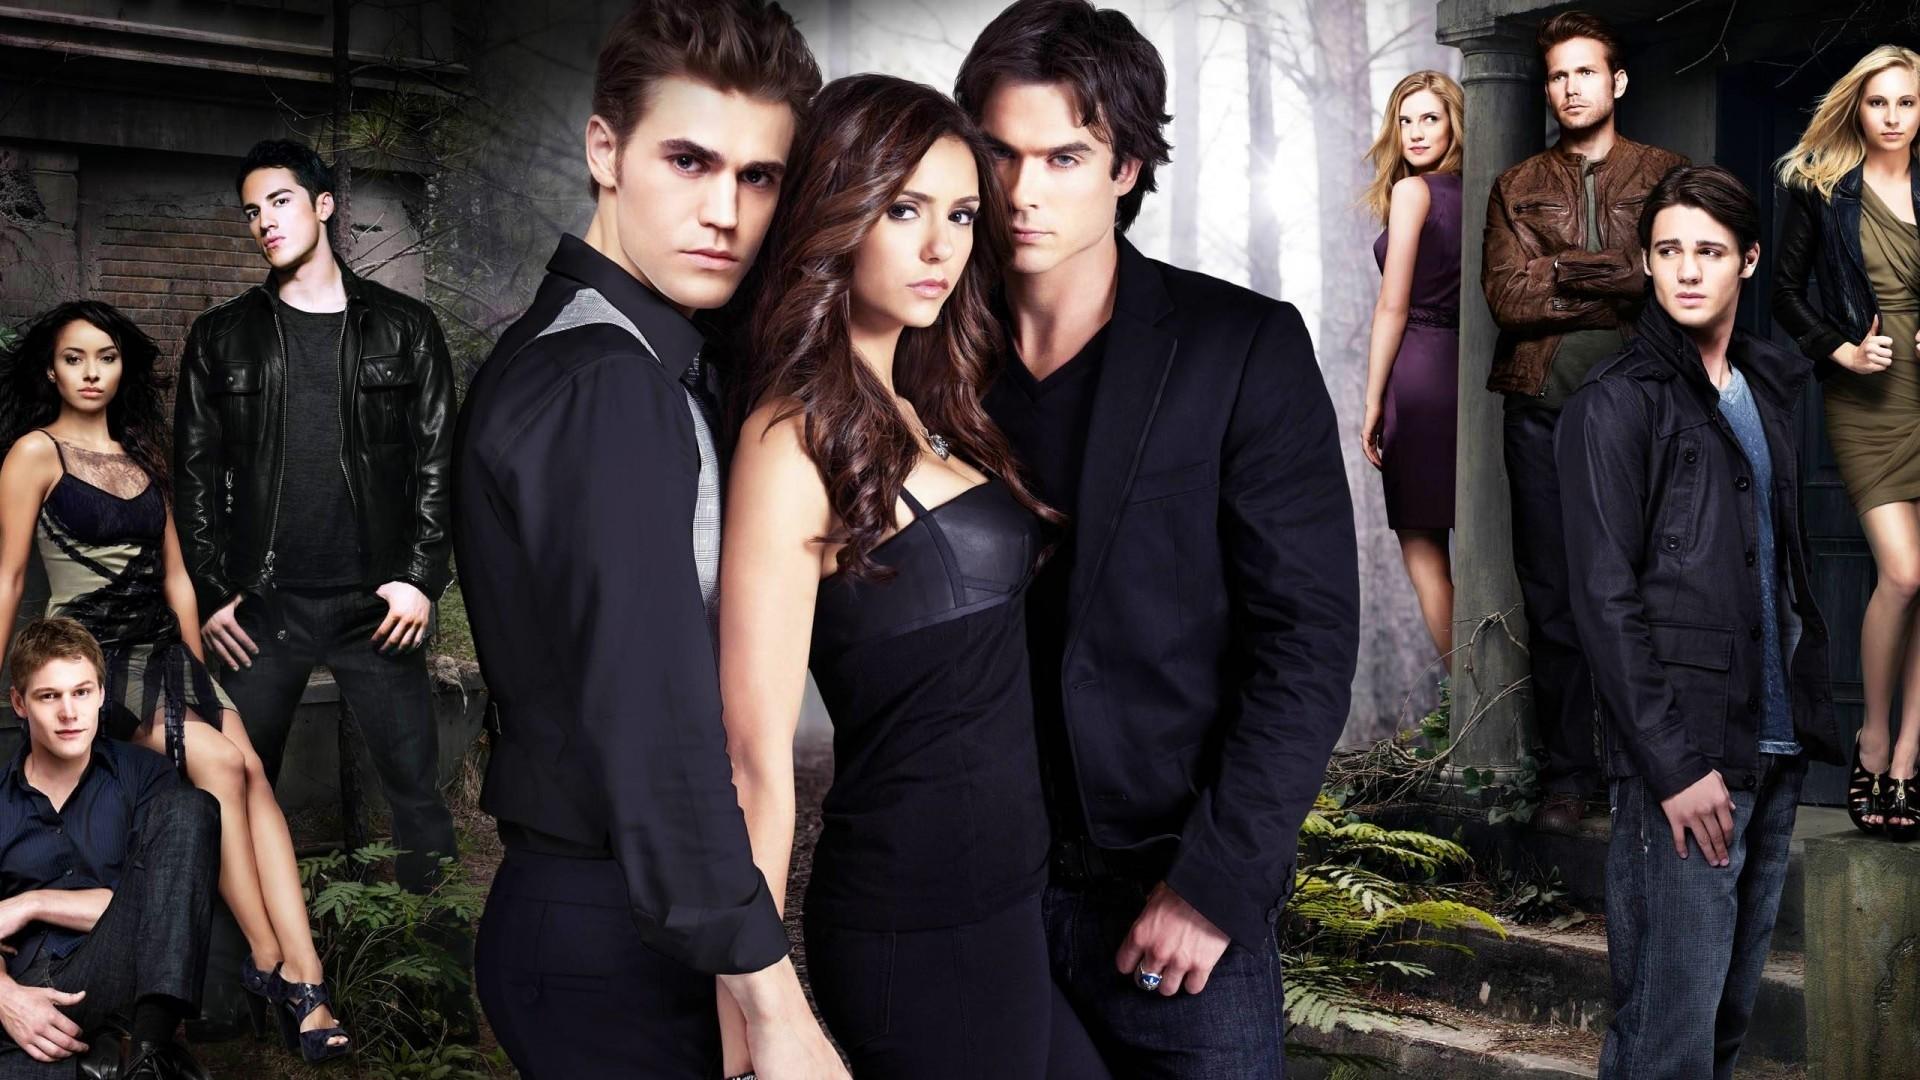 Vampire Diaries HD Wallpaper